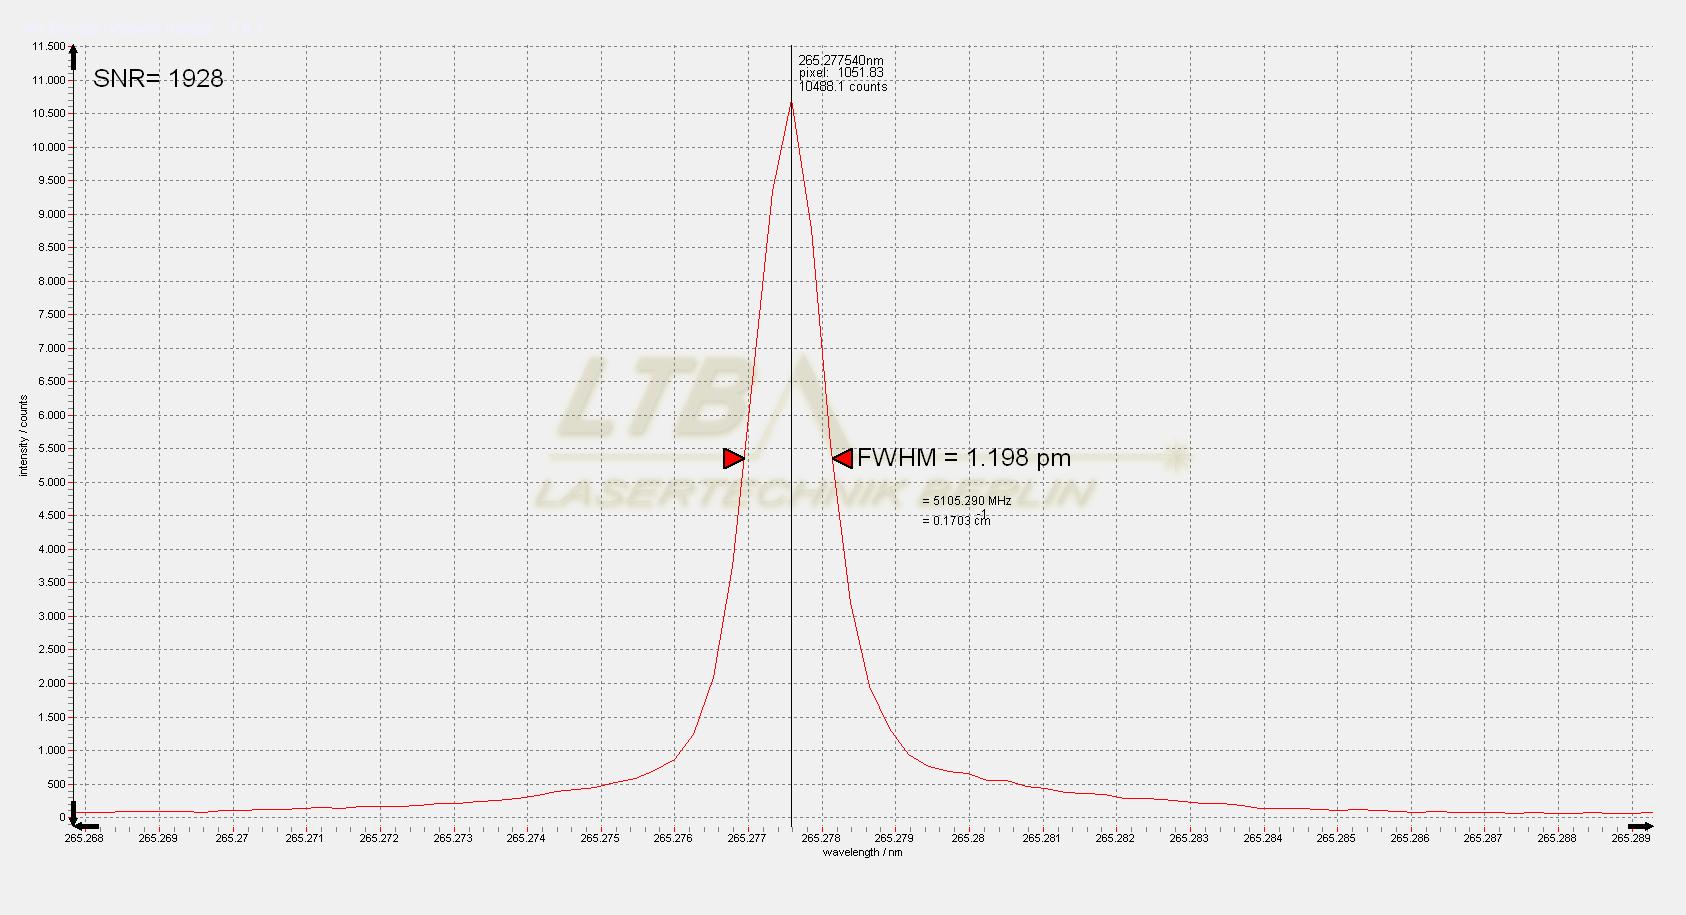 Super DEMON 265 nm slit spectrum